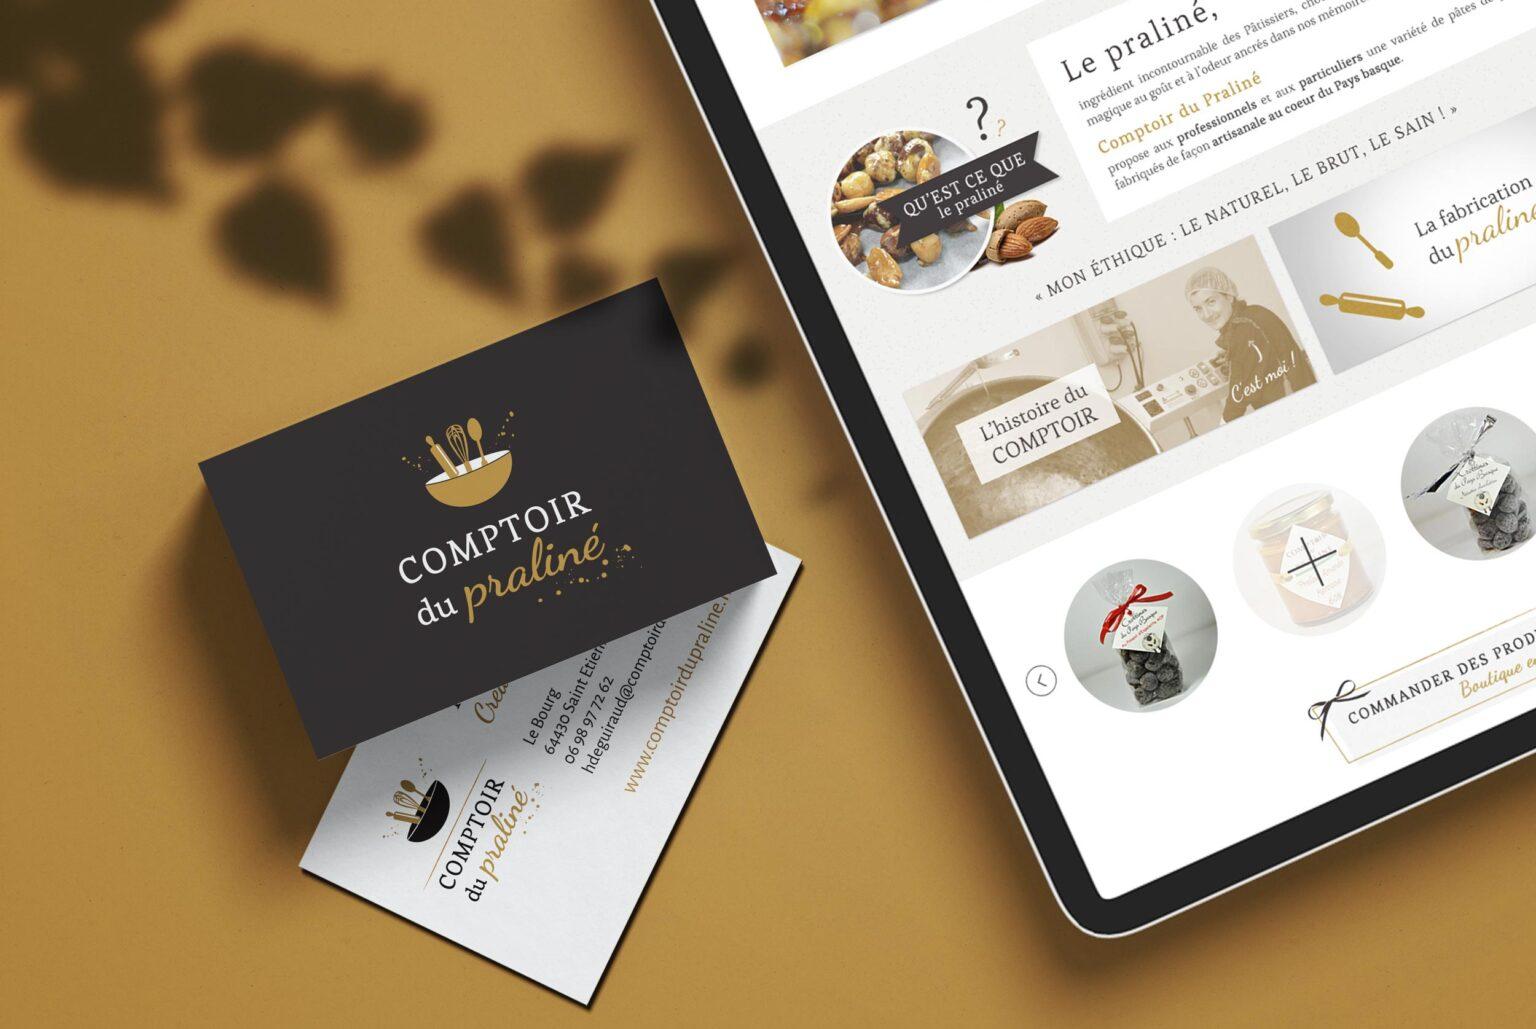 Comptoir du praliné, création d'une boutique en ligne pour artisan, identité visuelle et logo, Pays Basque